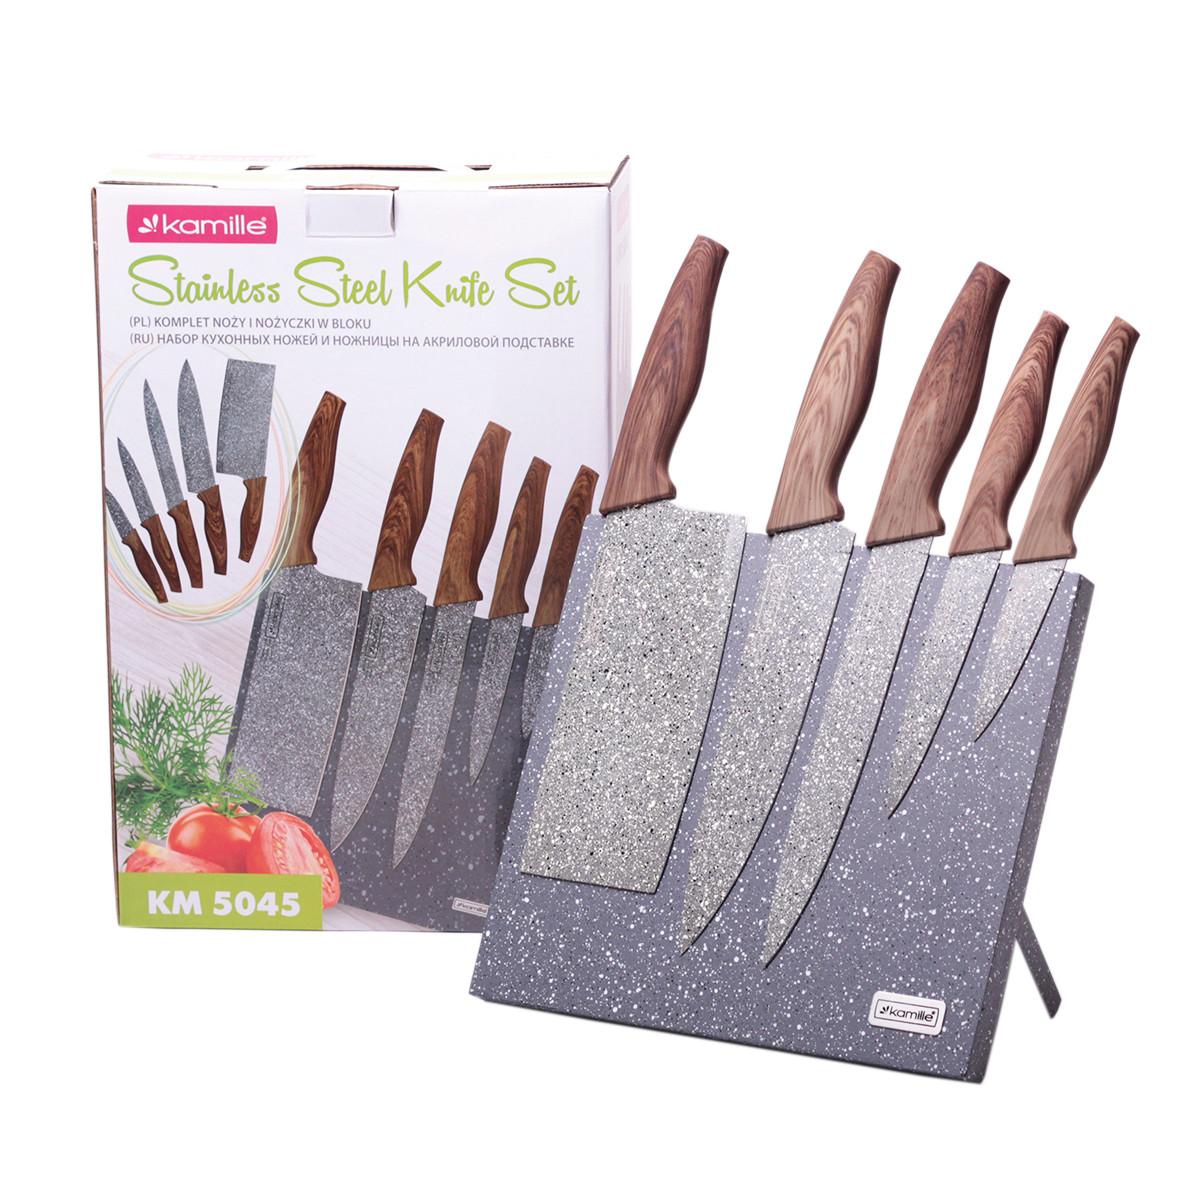 Набор ножей Kamille 6 предметов из нержавеющей стали на подставке с мраморным покрытием (5 ножей+подставка) KM-5045